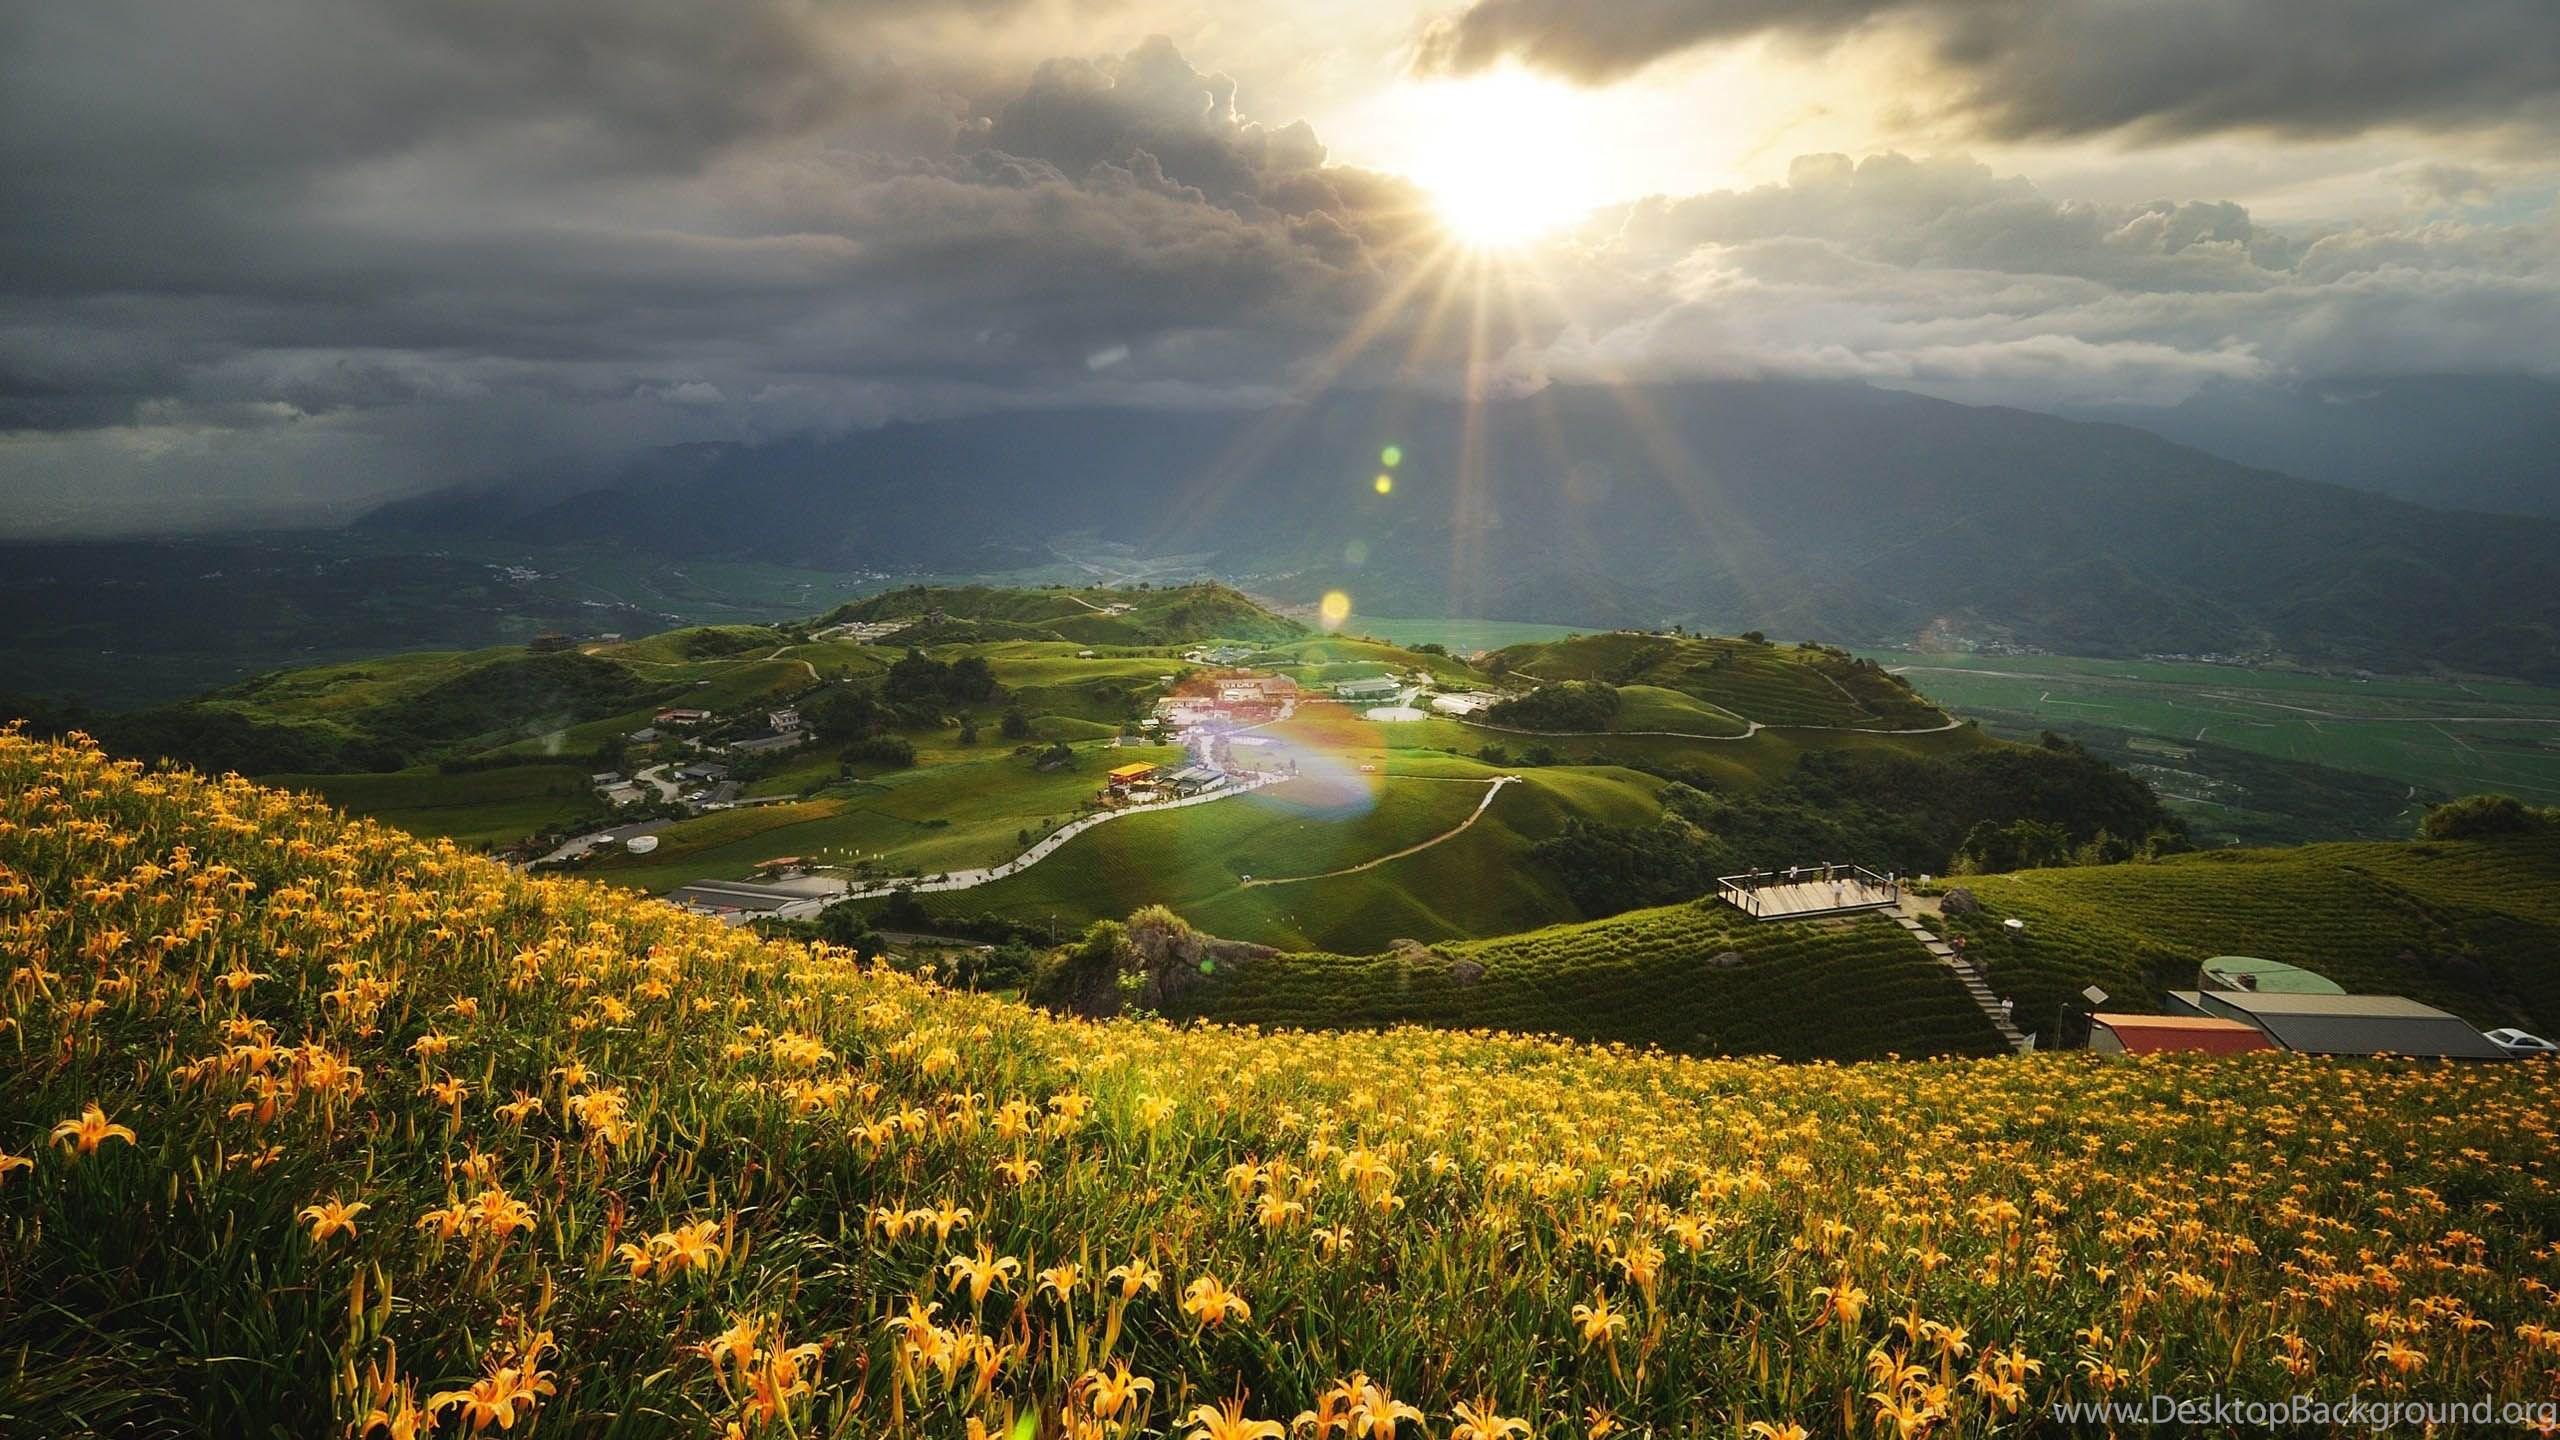 Flowers with beautiful scenery hd desktop wallpapers desktop background netbook izmirmasajfo